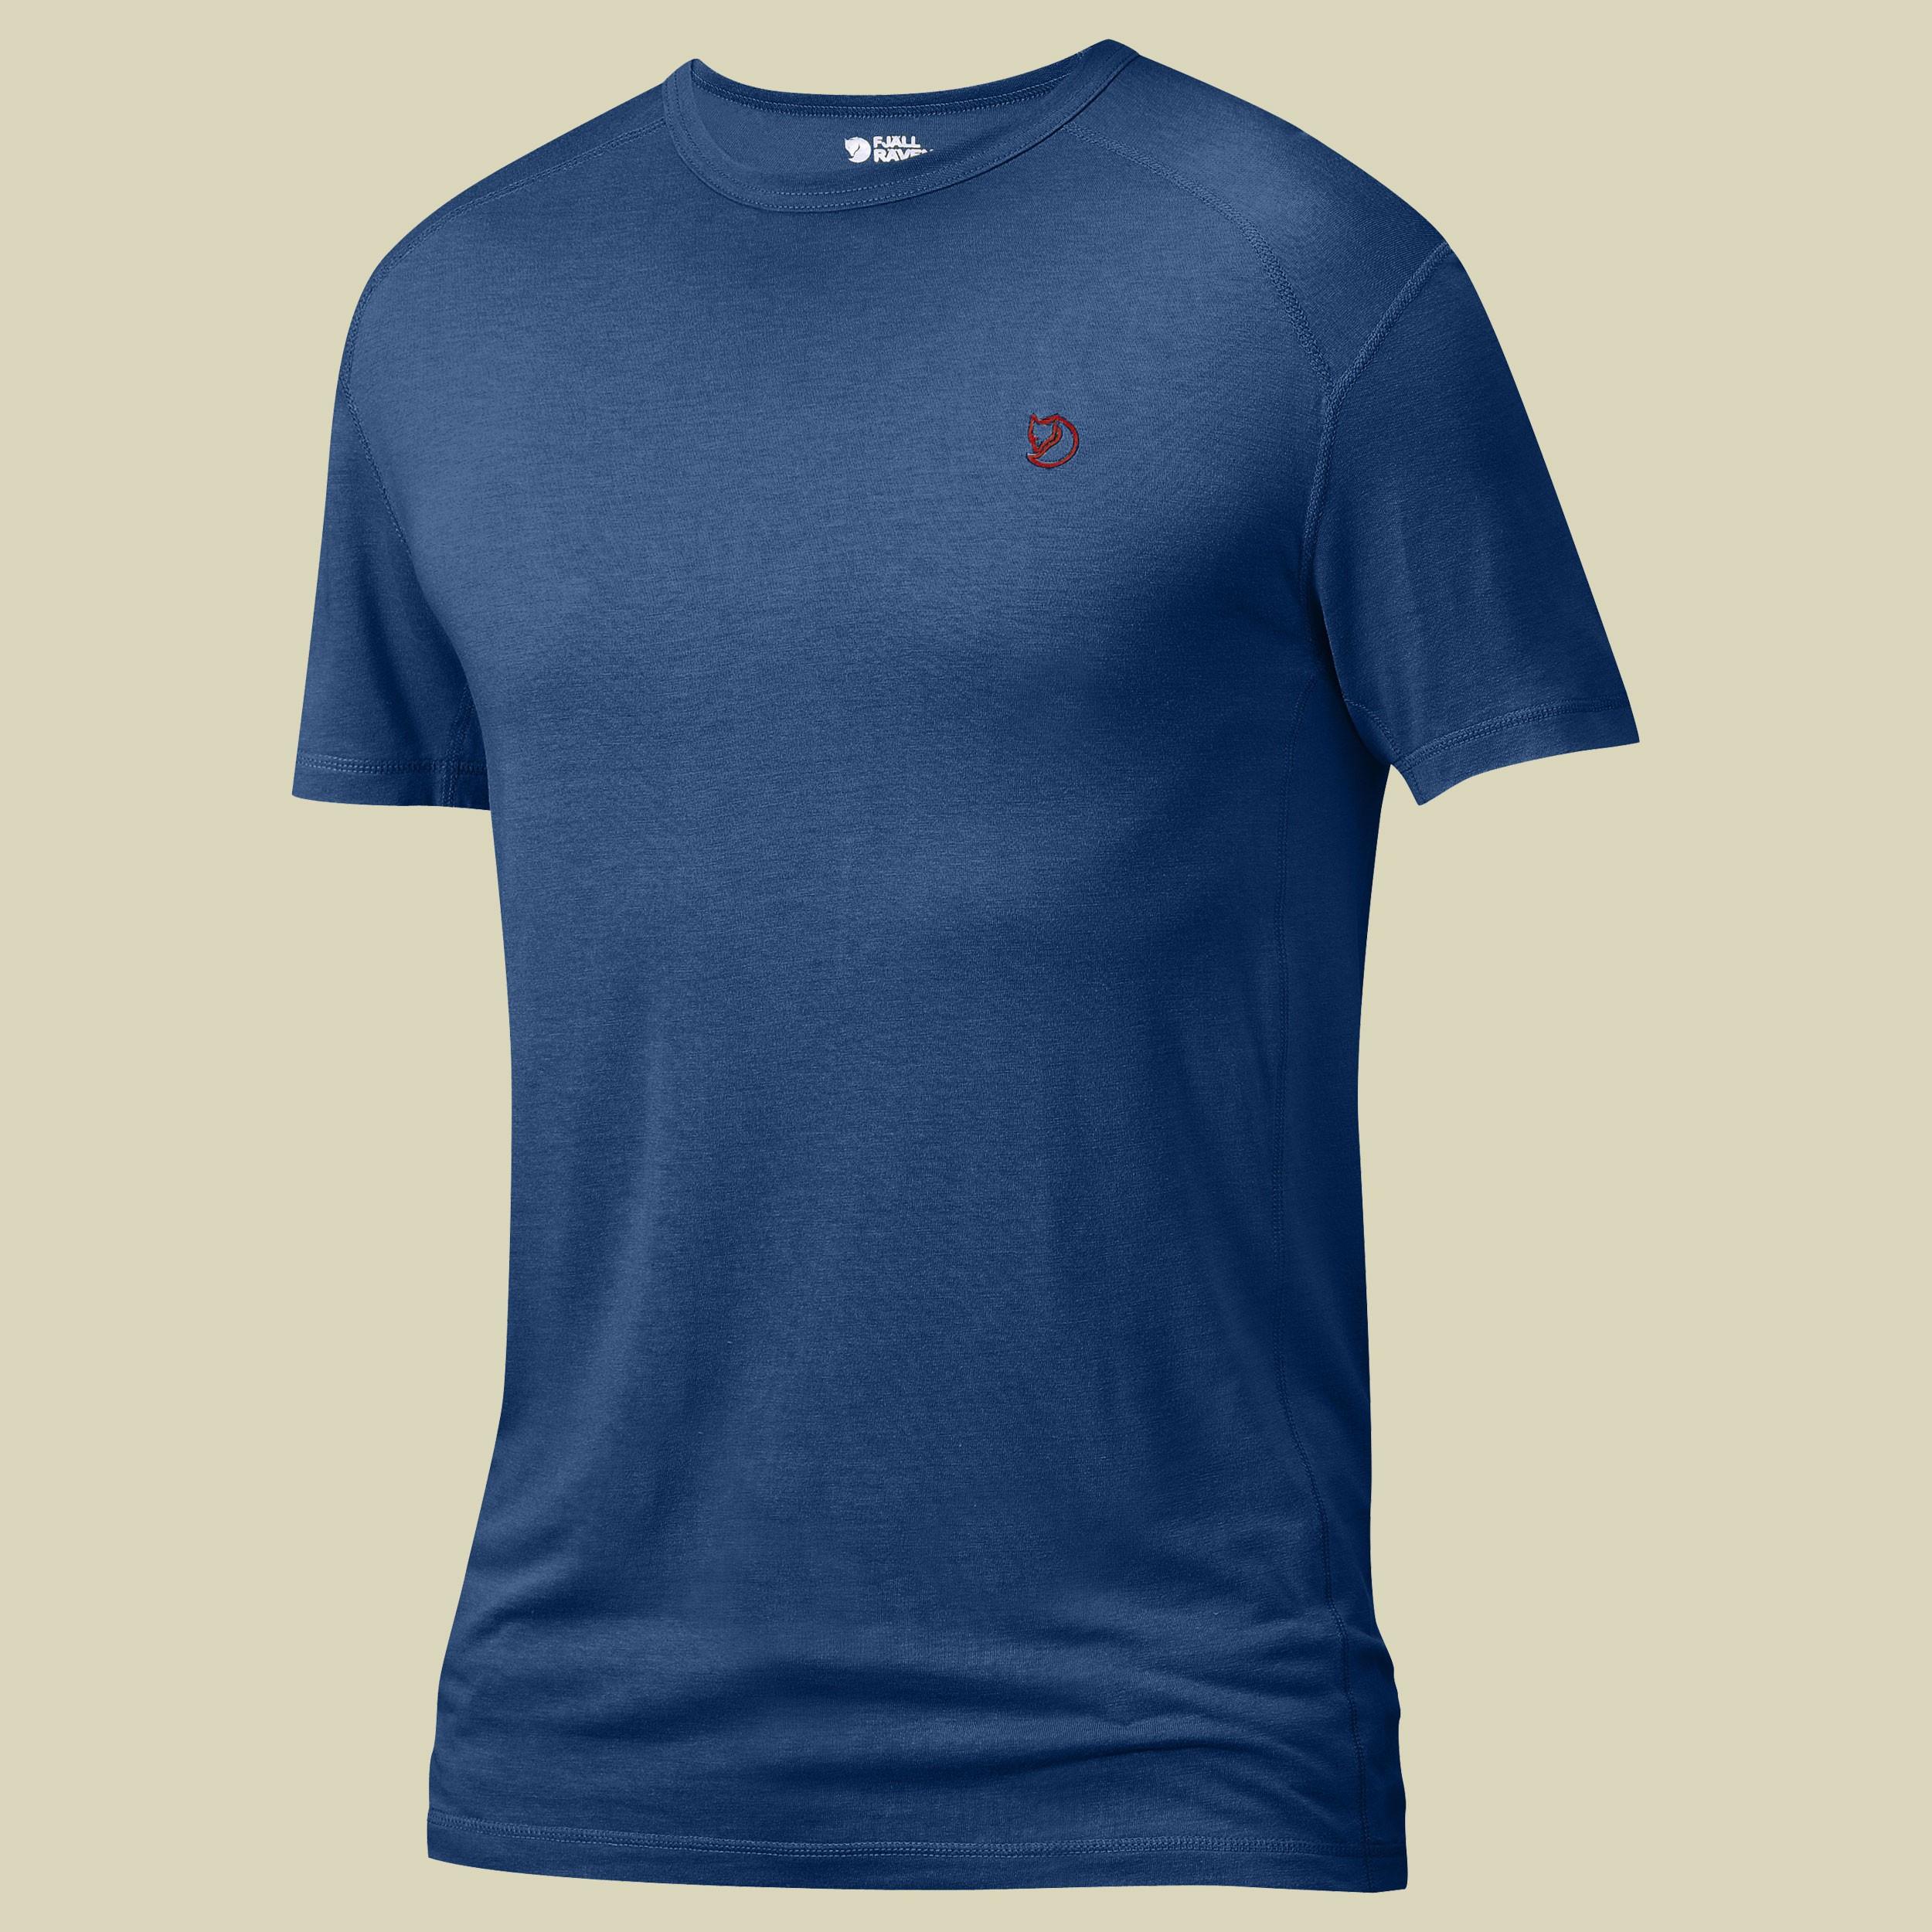 Mard T-Shirt Men